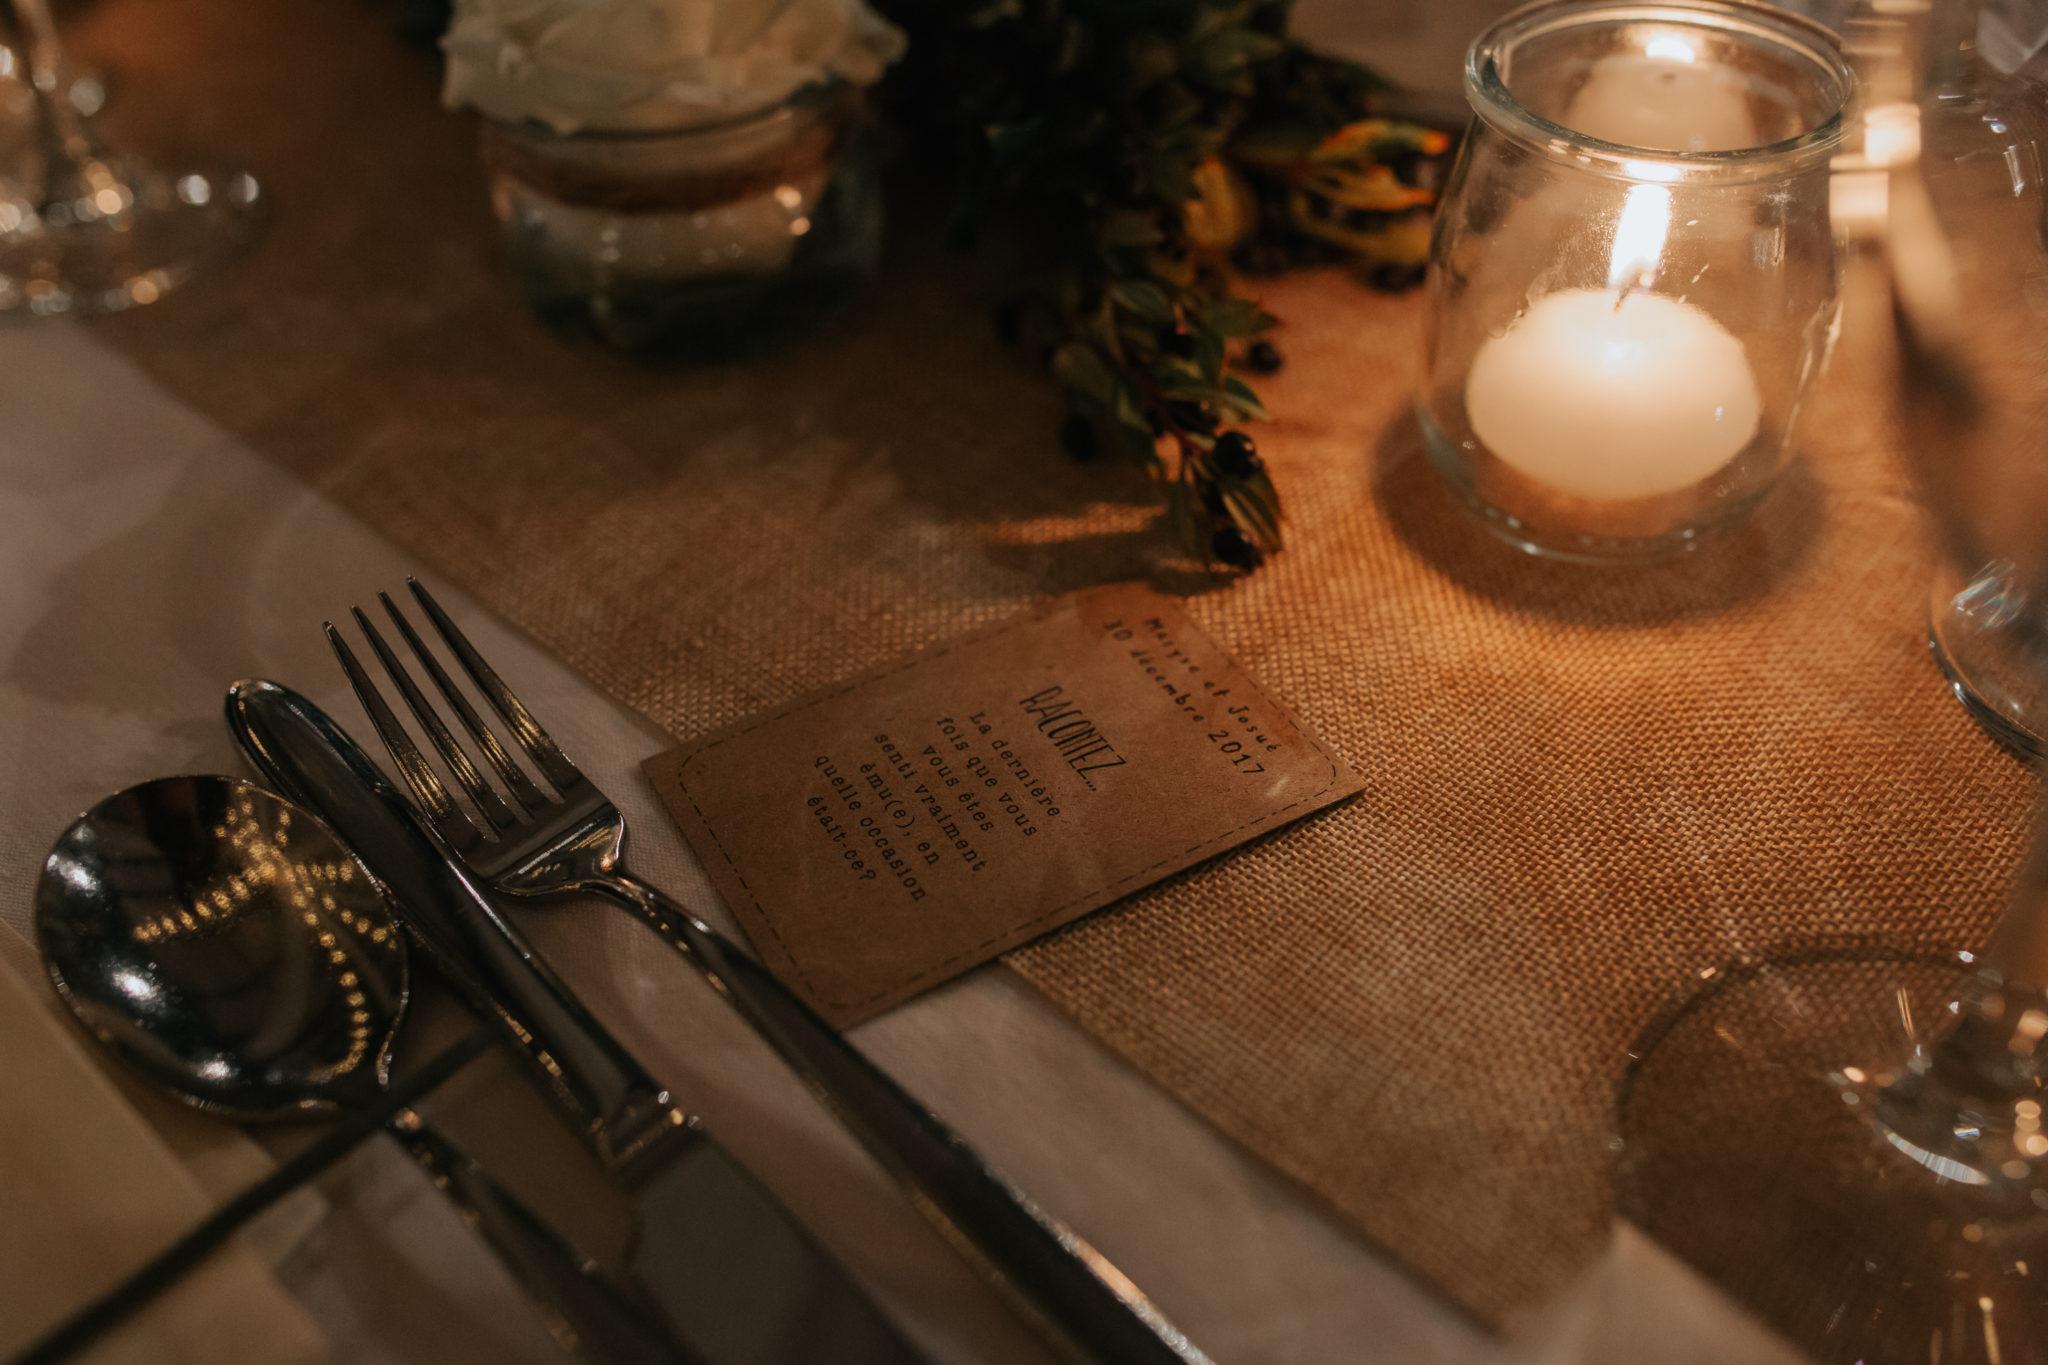 Décoration table dîner toile jute kraft Château de Naours mariage hiver Picardie Amiens